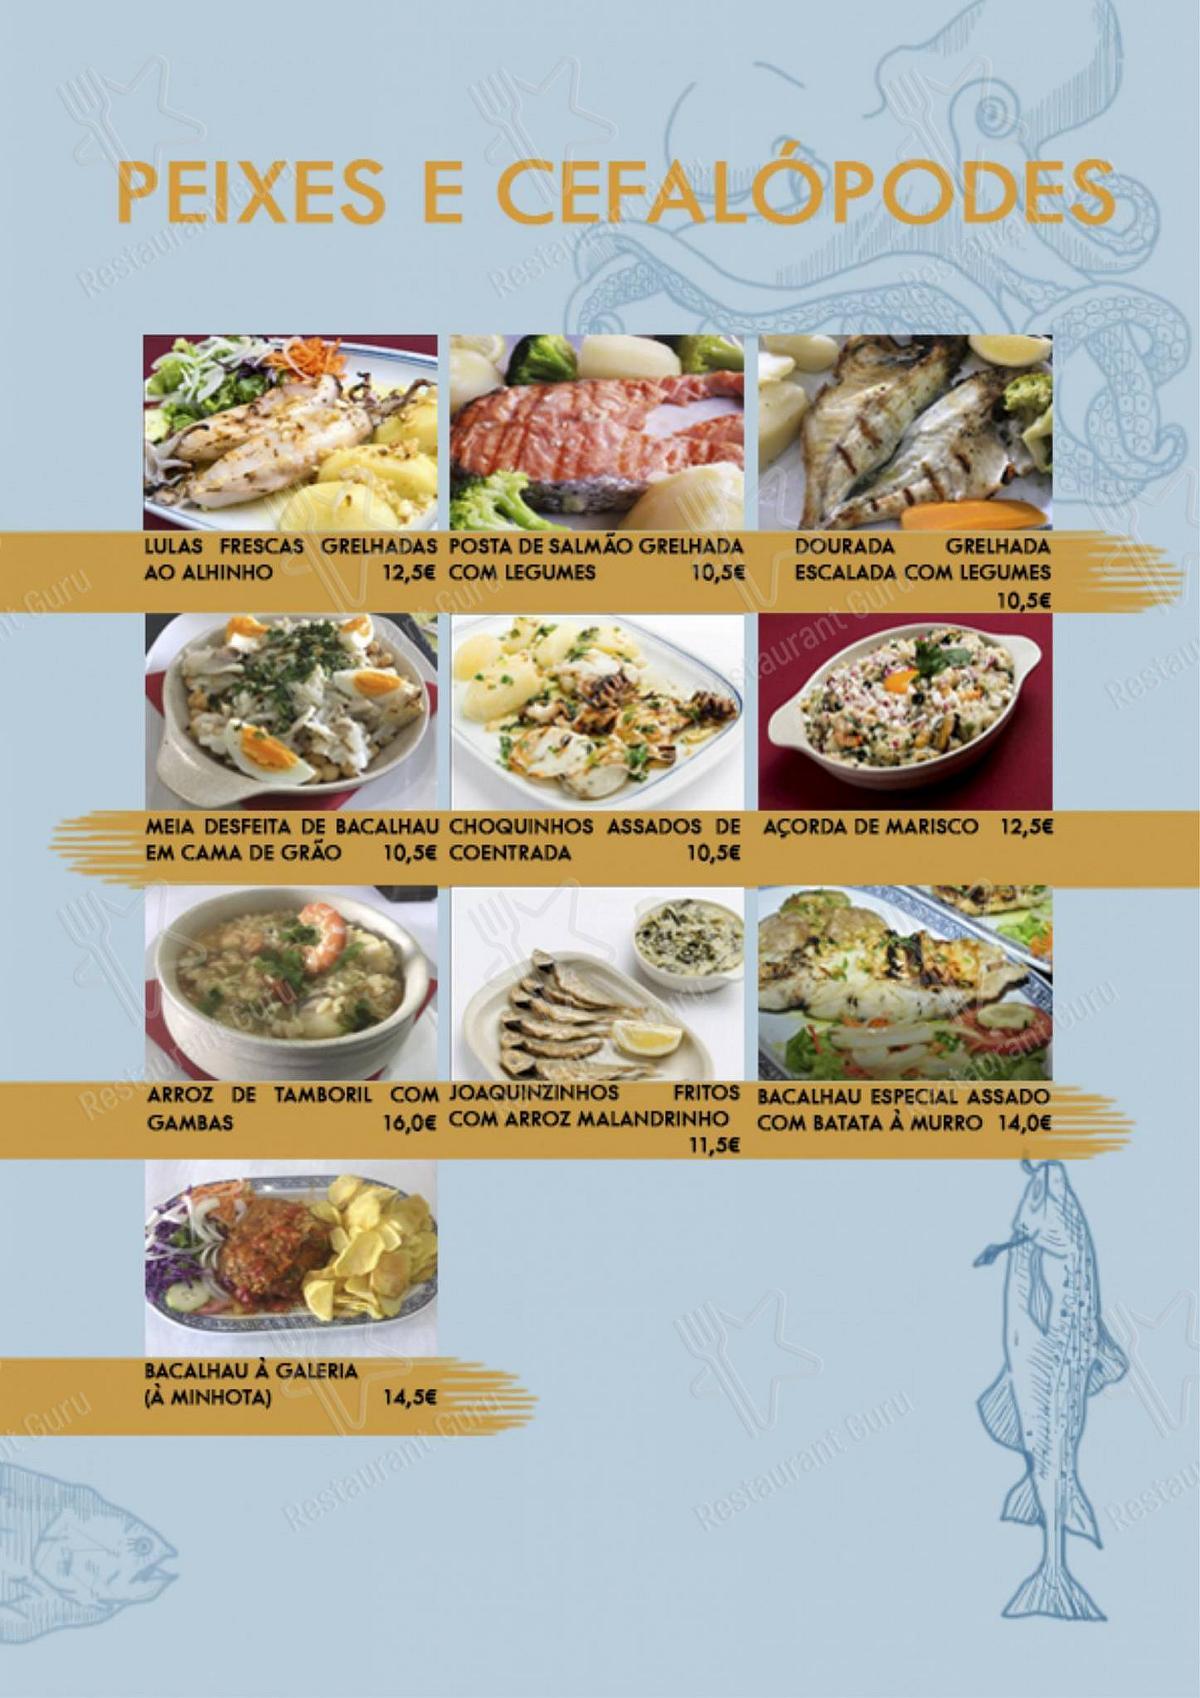 Galeria menu - pratos e drinques